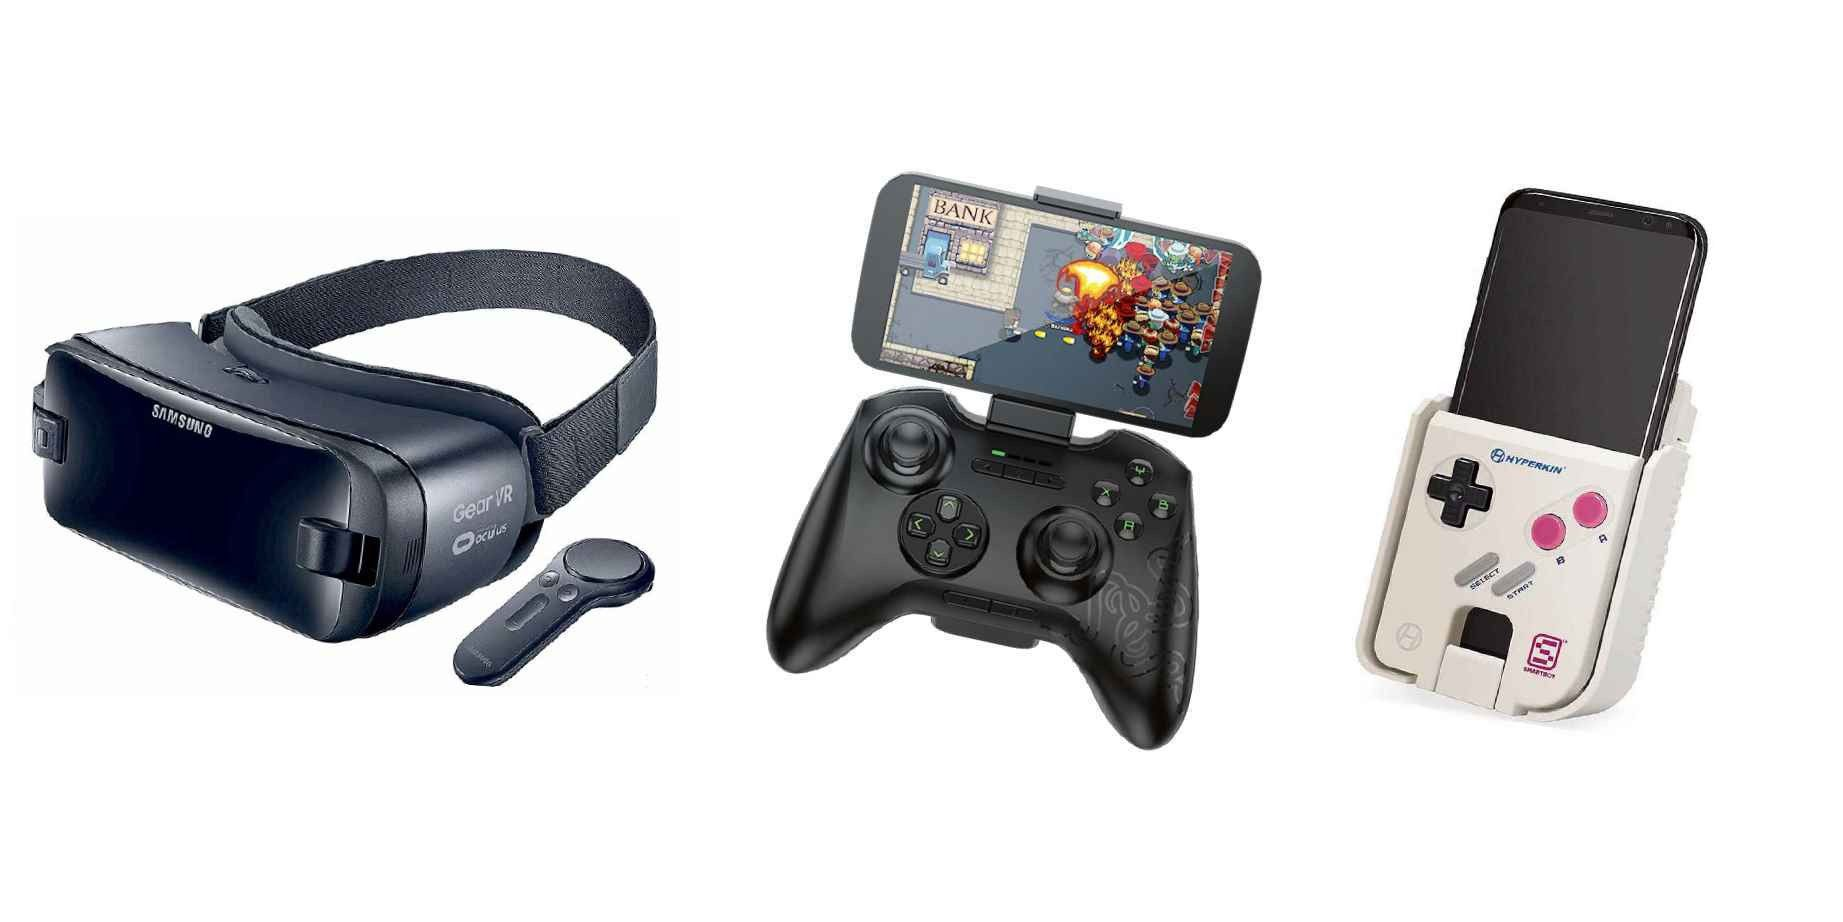 Gamingzubehör Für Ihr Smartphone  Pcwelt